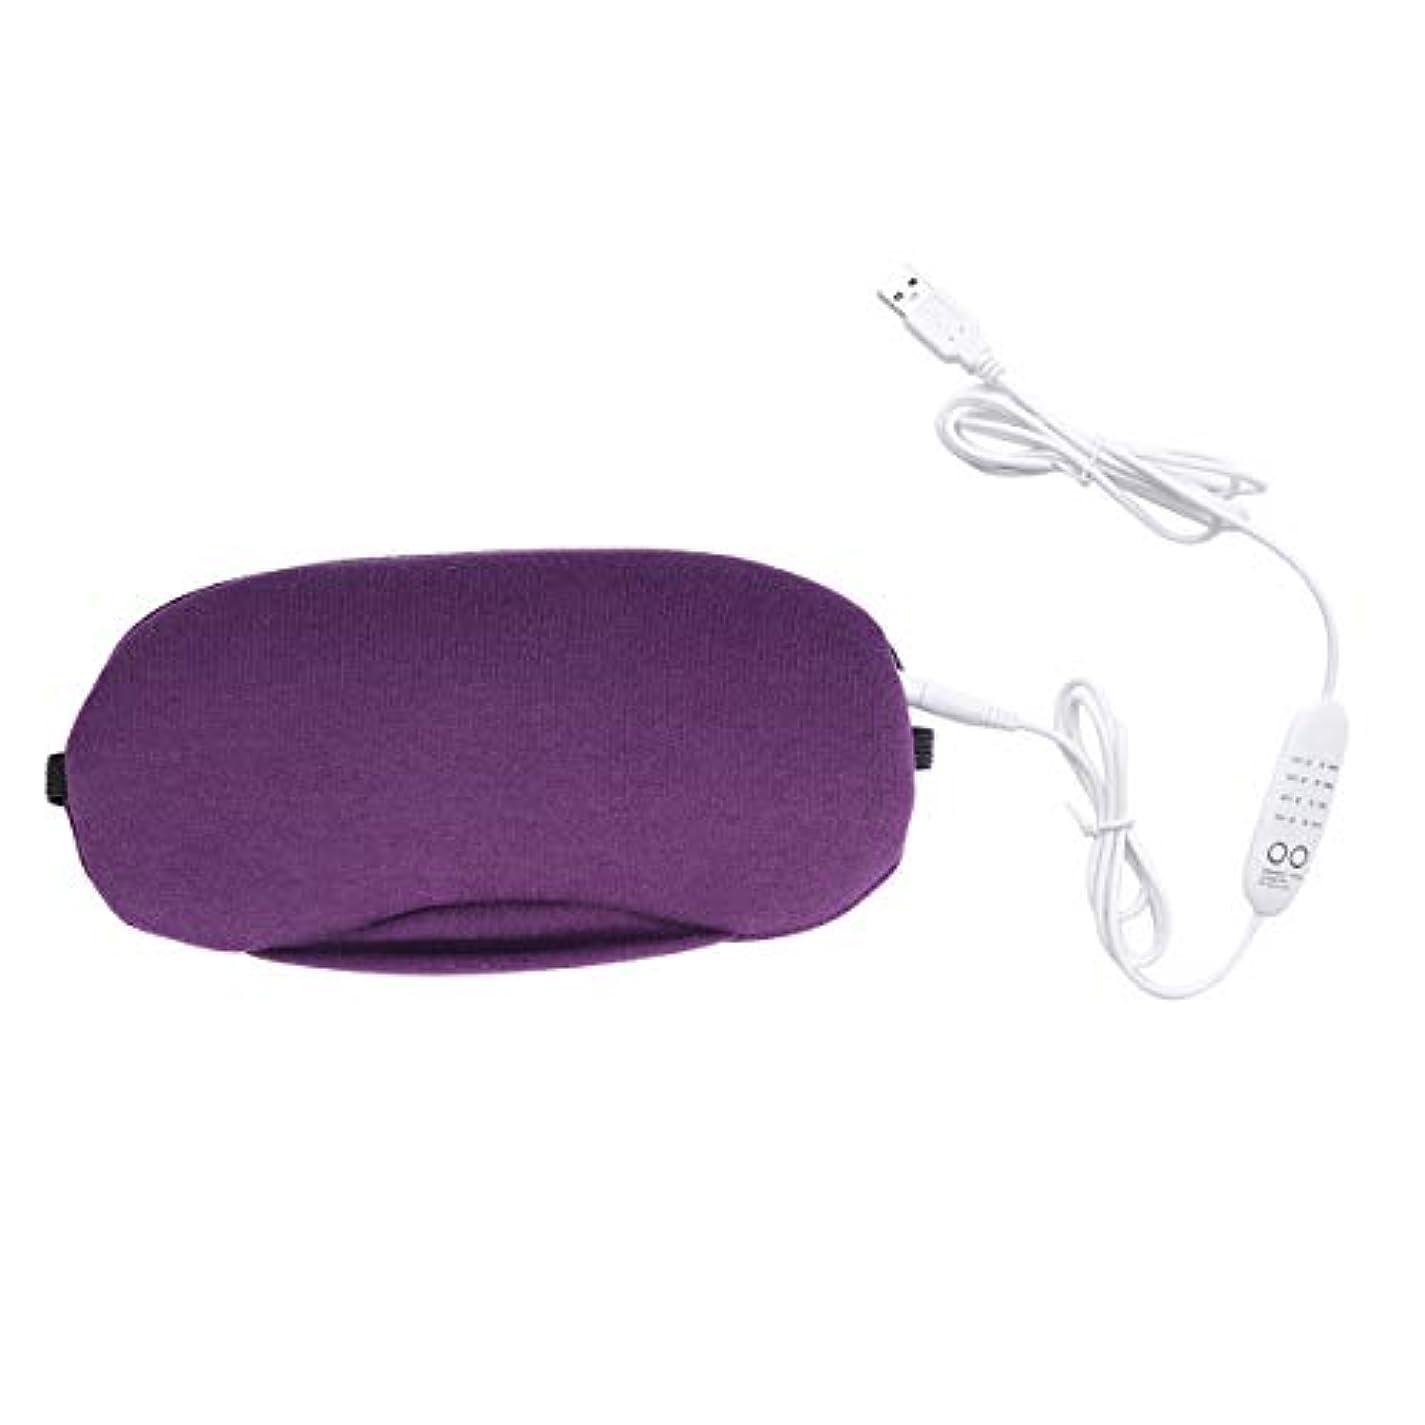 不眠症を和らげるためのHealifty USBスチームアイマスク目隠しホットコンプレッションアイシールドドライアイ疲労(紫色)